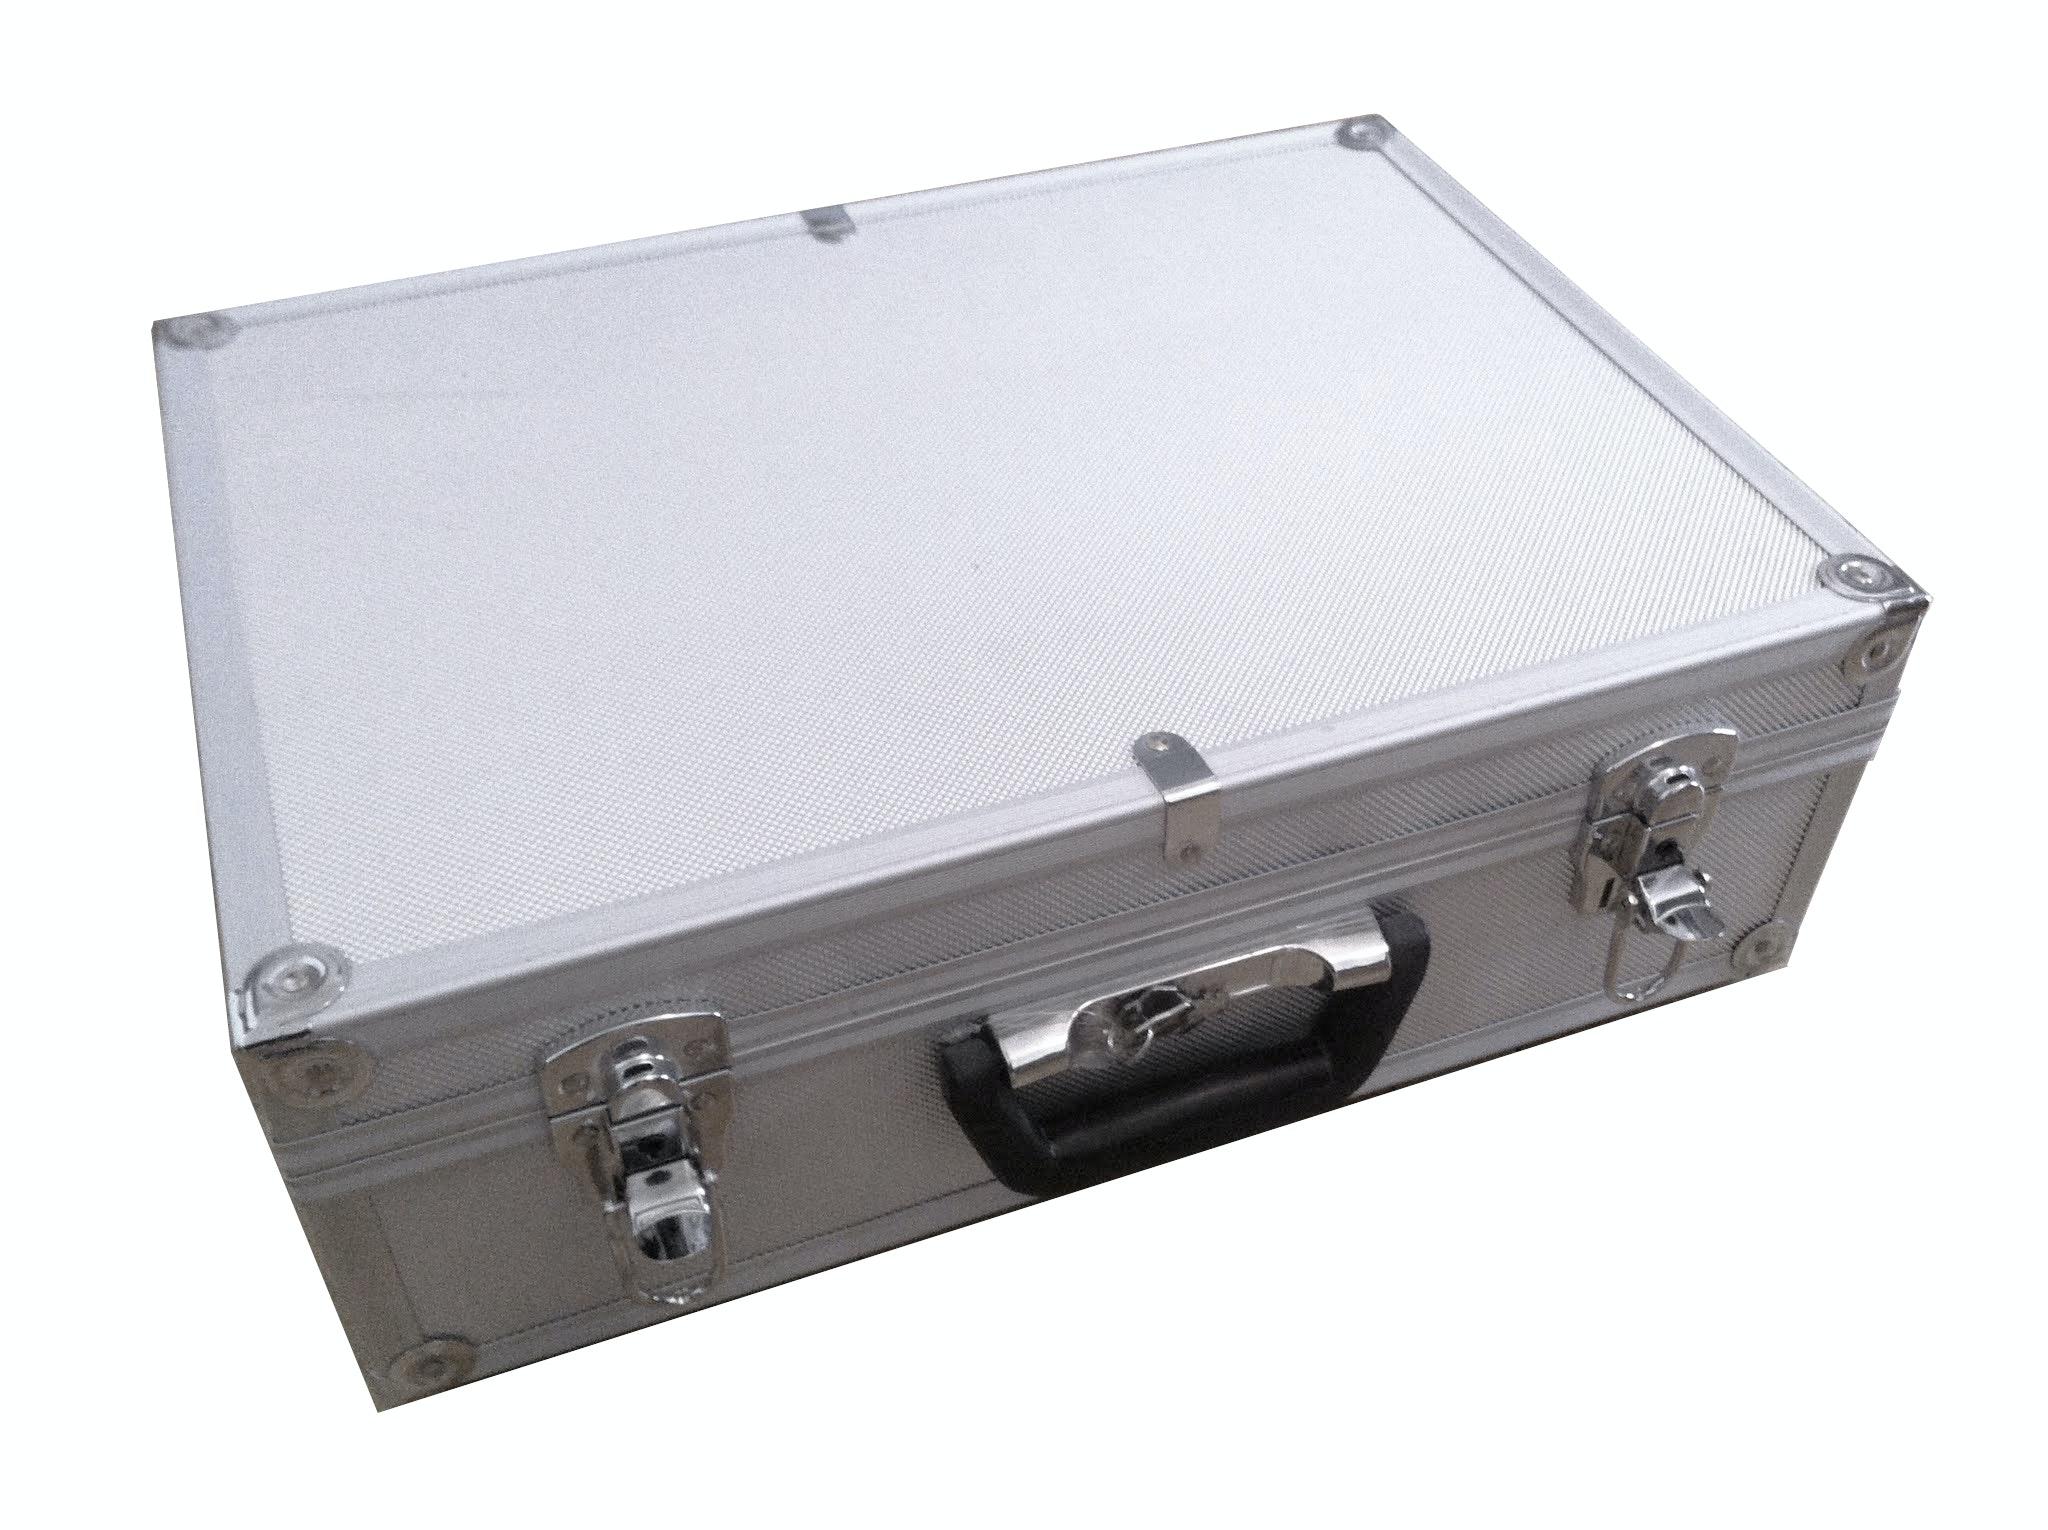 Aluminiumskasse med skumindlæg